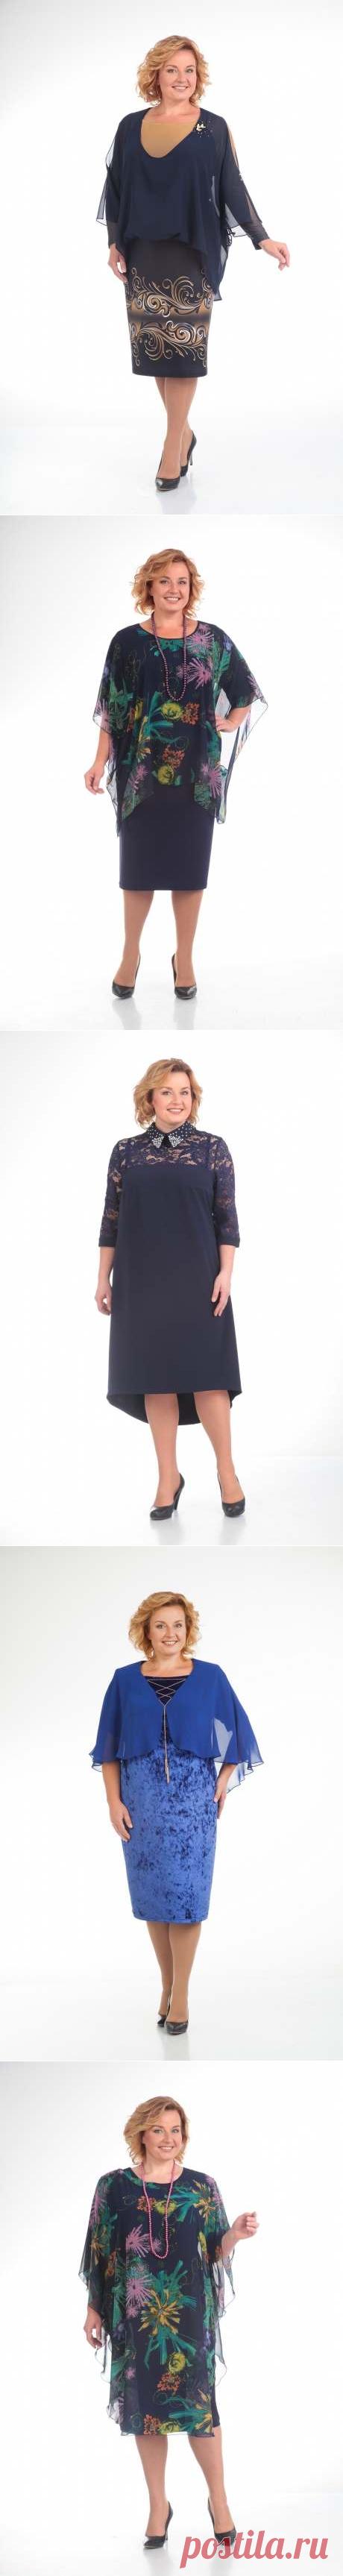 Поиск на Постиле: нарядные платья для полных